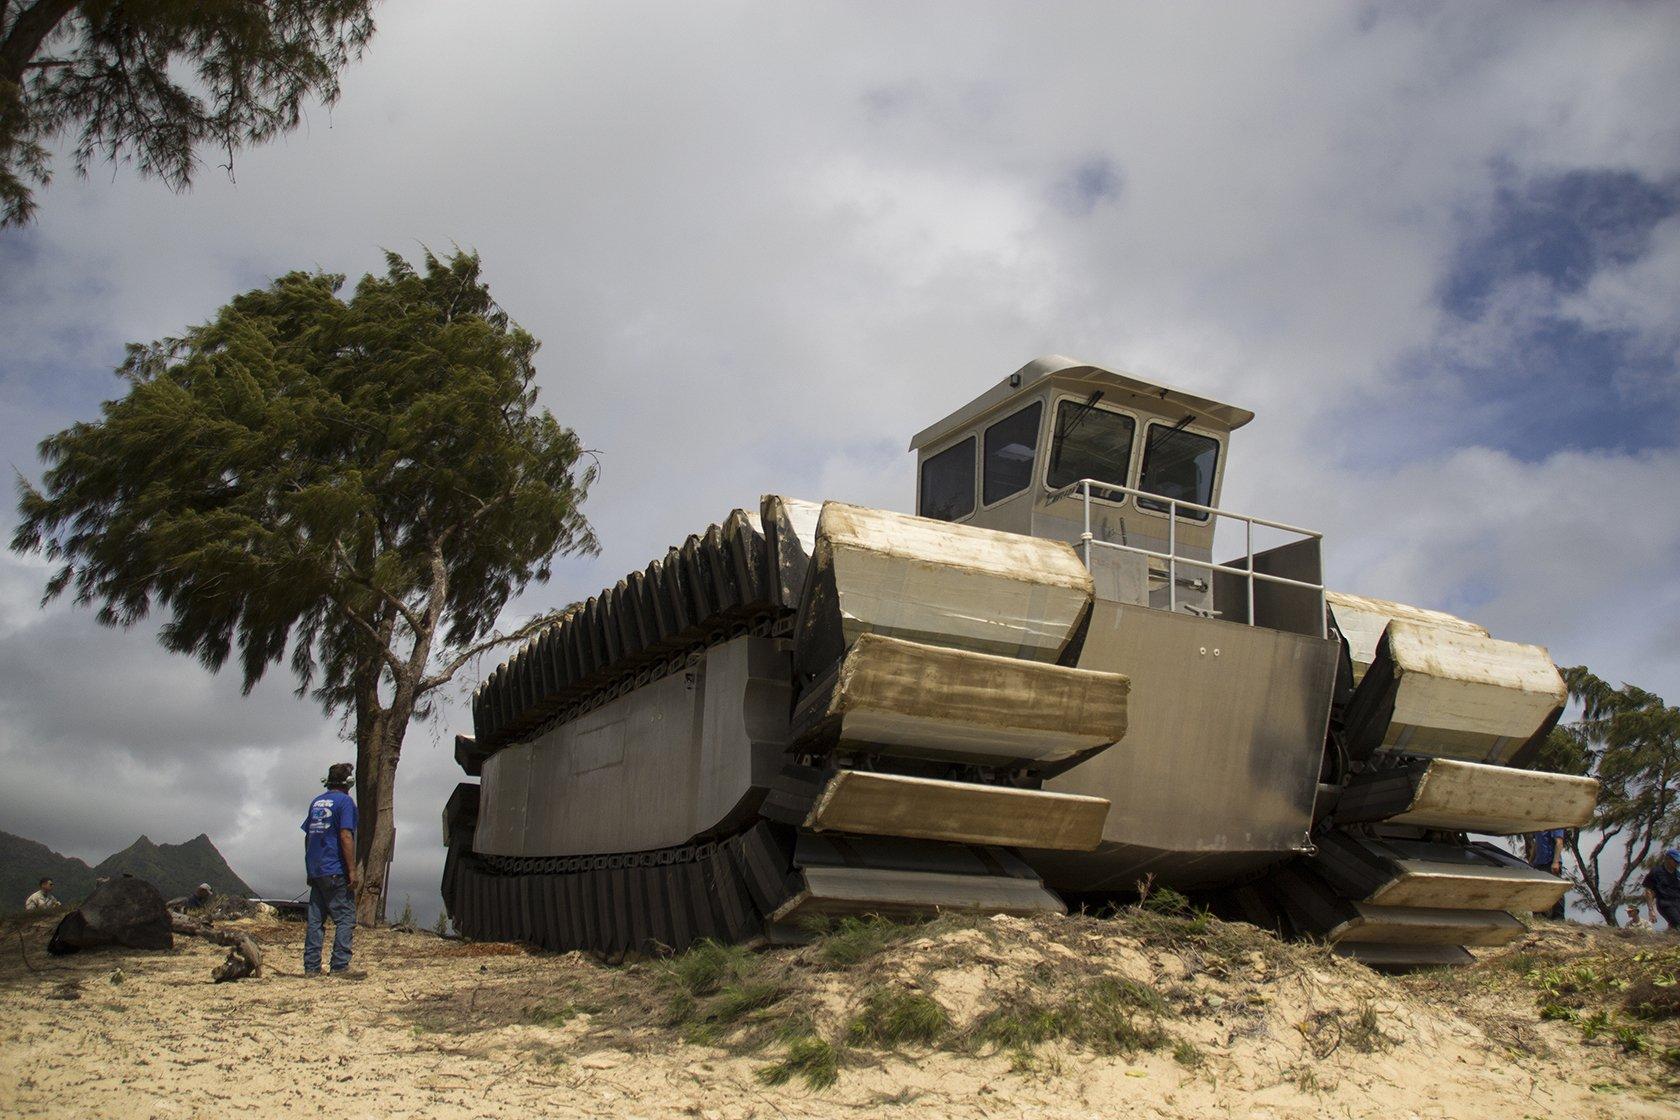 Assustador: EUA mostra novo protótipo de veículo anfíbio gigantesco [vídeo]